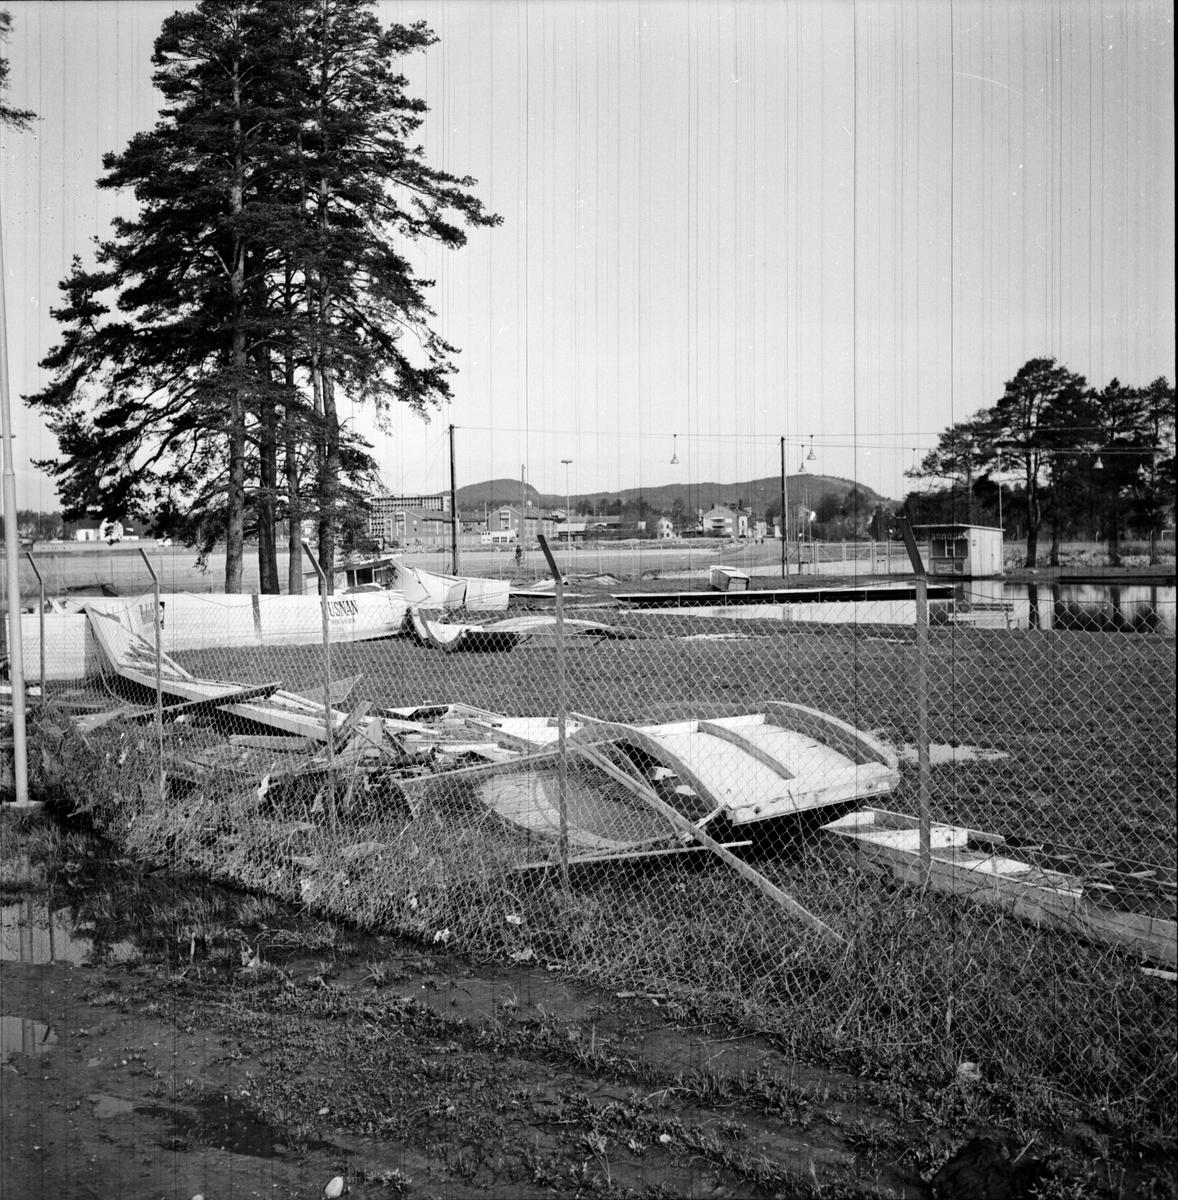 Långnäs idrottsplats, Vårflodens verk, 27 Maj 1966